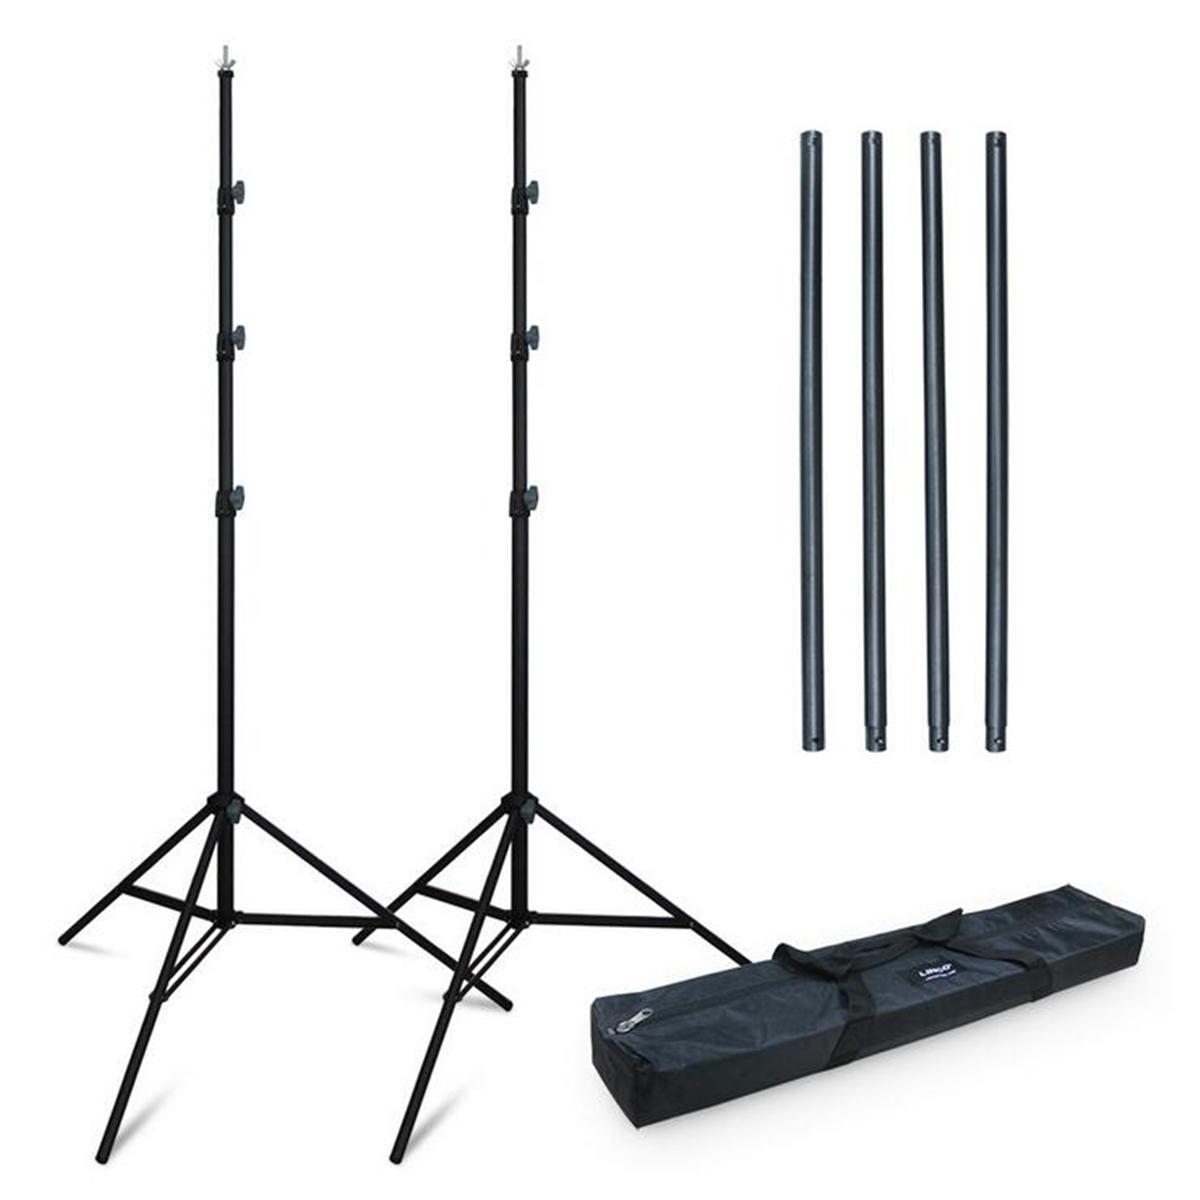 3x2,8m Einstellbare Faltbare Fotografie Hintergrund Ständer Stativ Unterstützung Portable Studio Backdrop Kits